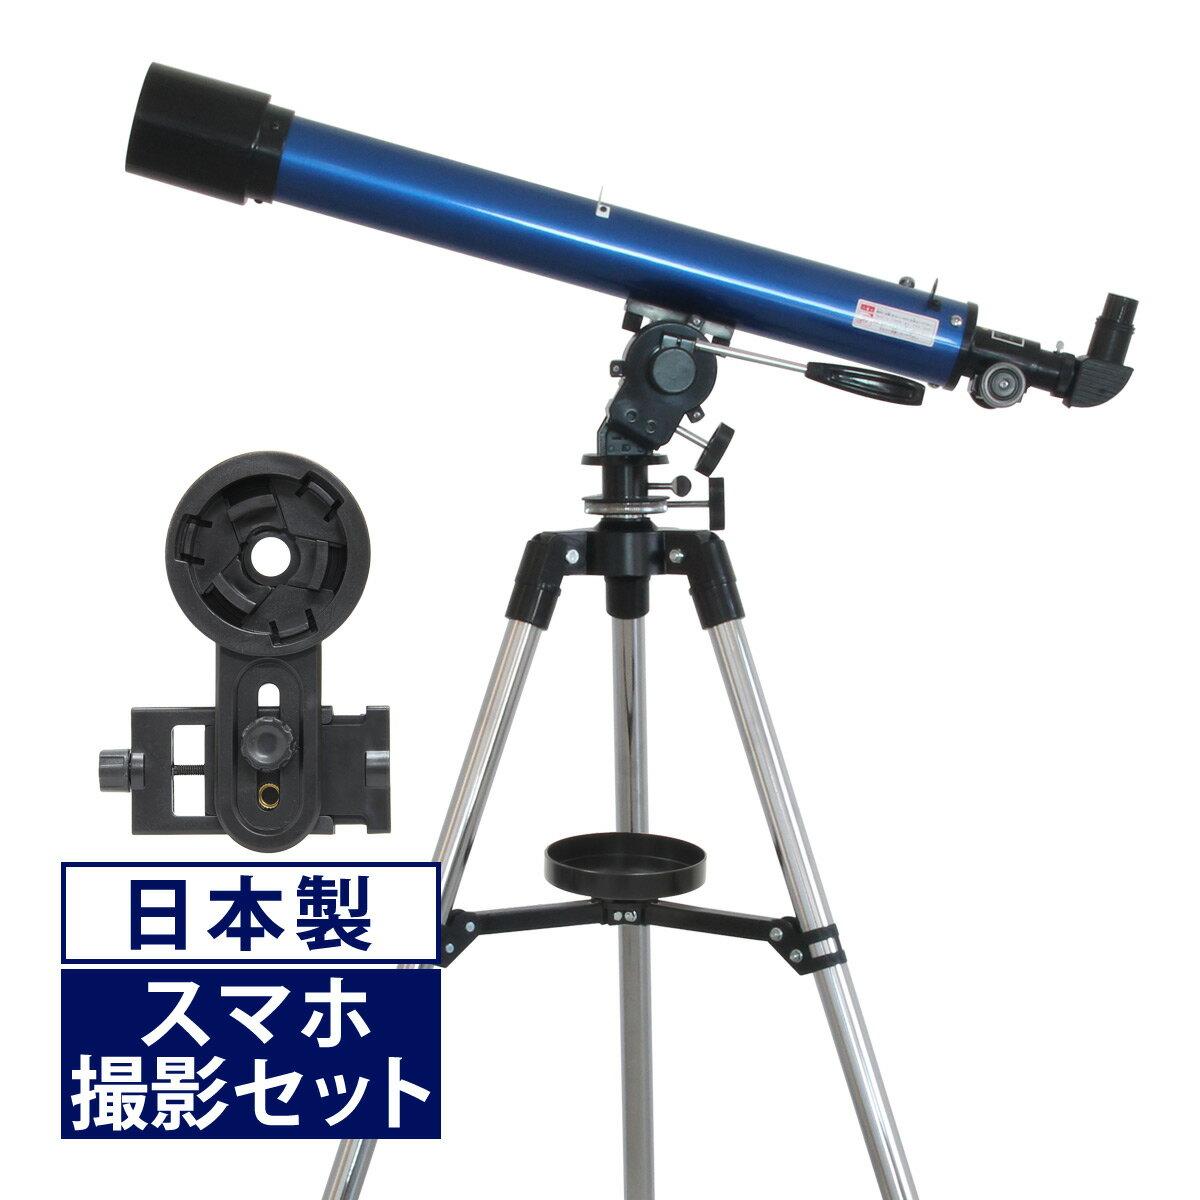 【スーパーセール クーポン配布中 〜6/21 1:59】天体望遠鏡 スマホ 初心者 子供 小学生 リゲル60 日本製